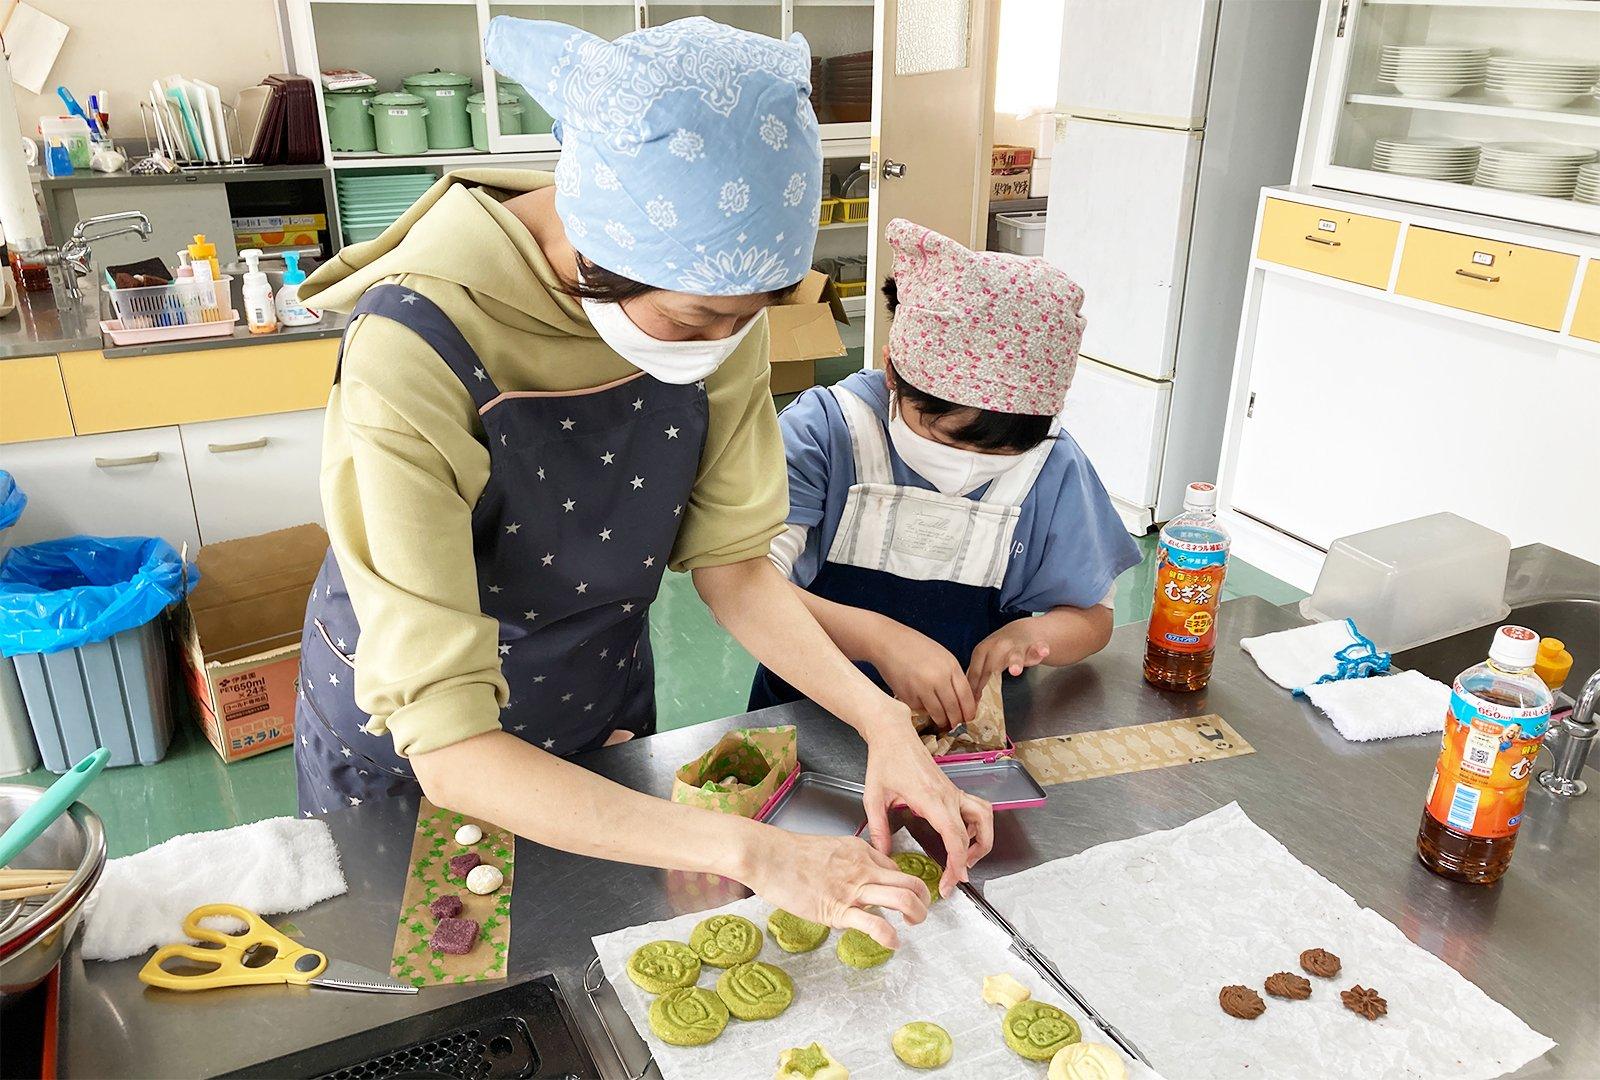 「お菓子教室~ちゅっぴぃのクッキー缶作り~」を開催いたしました(2021/05/01)